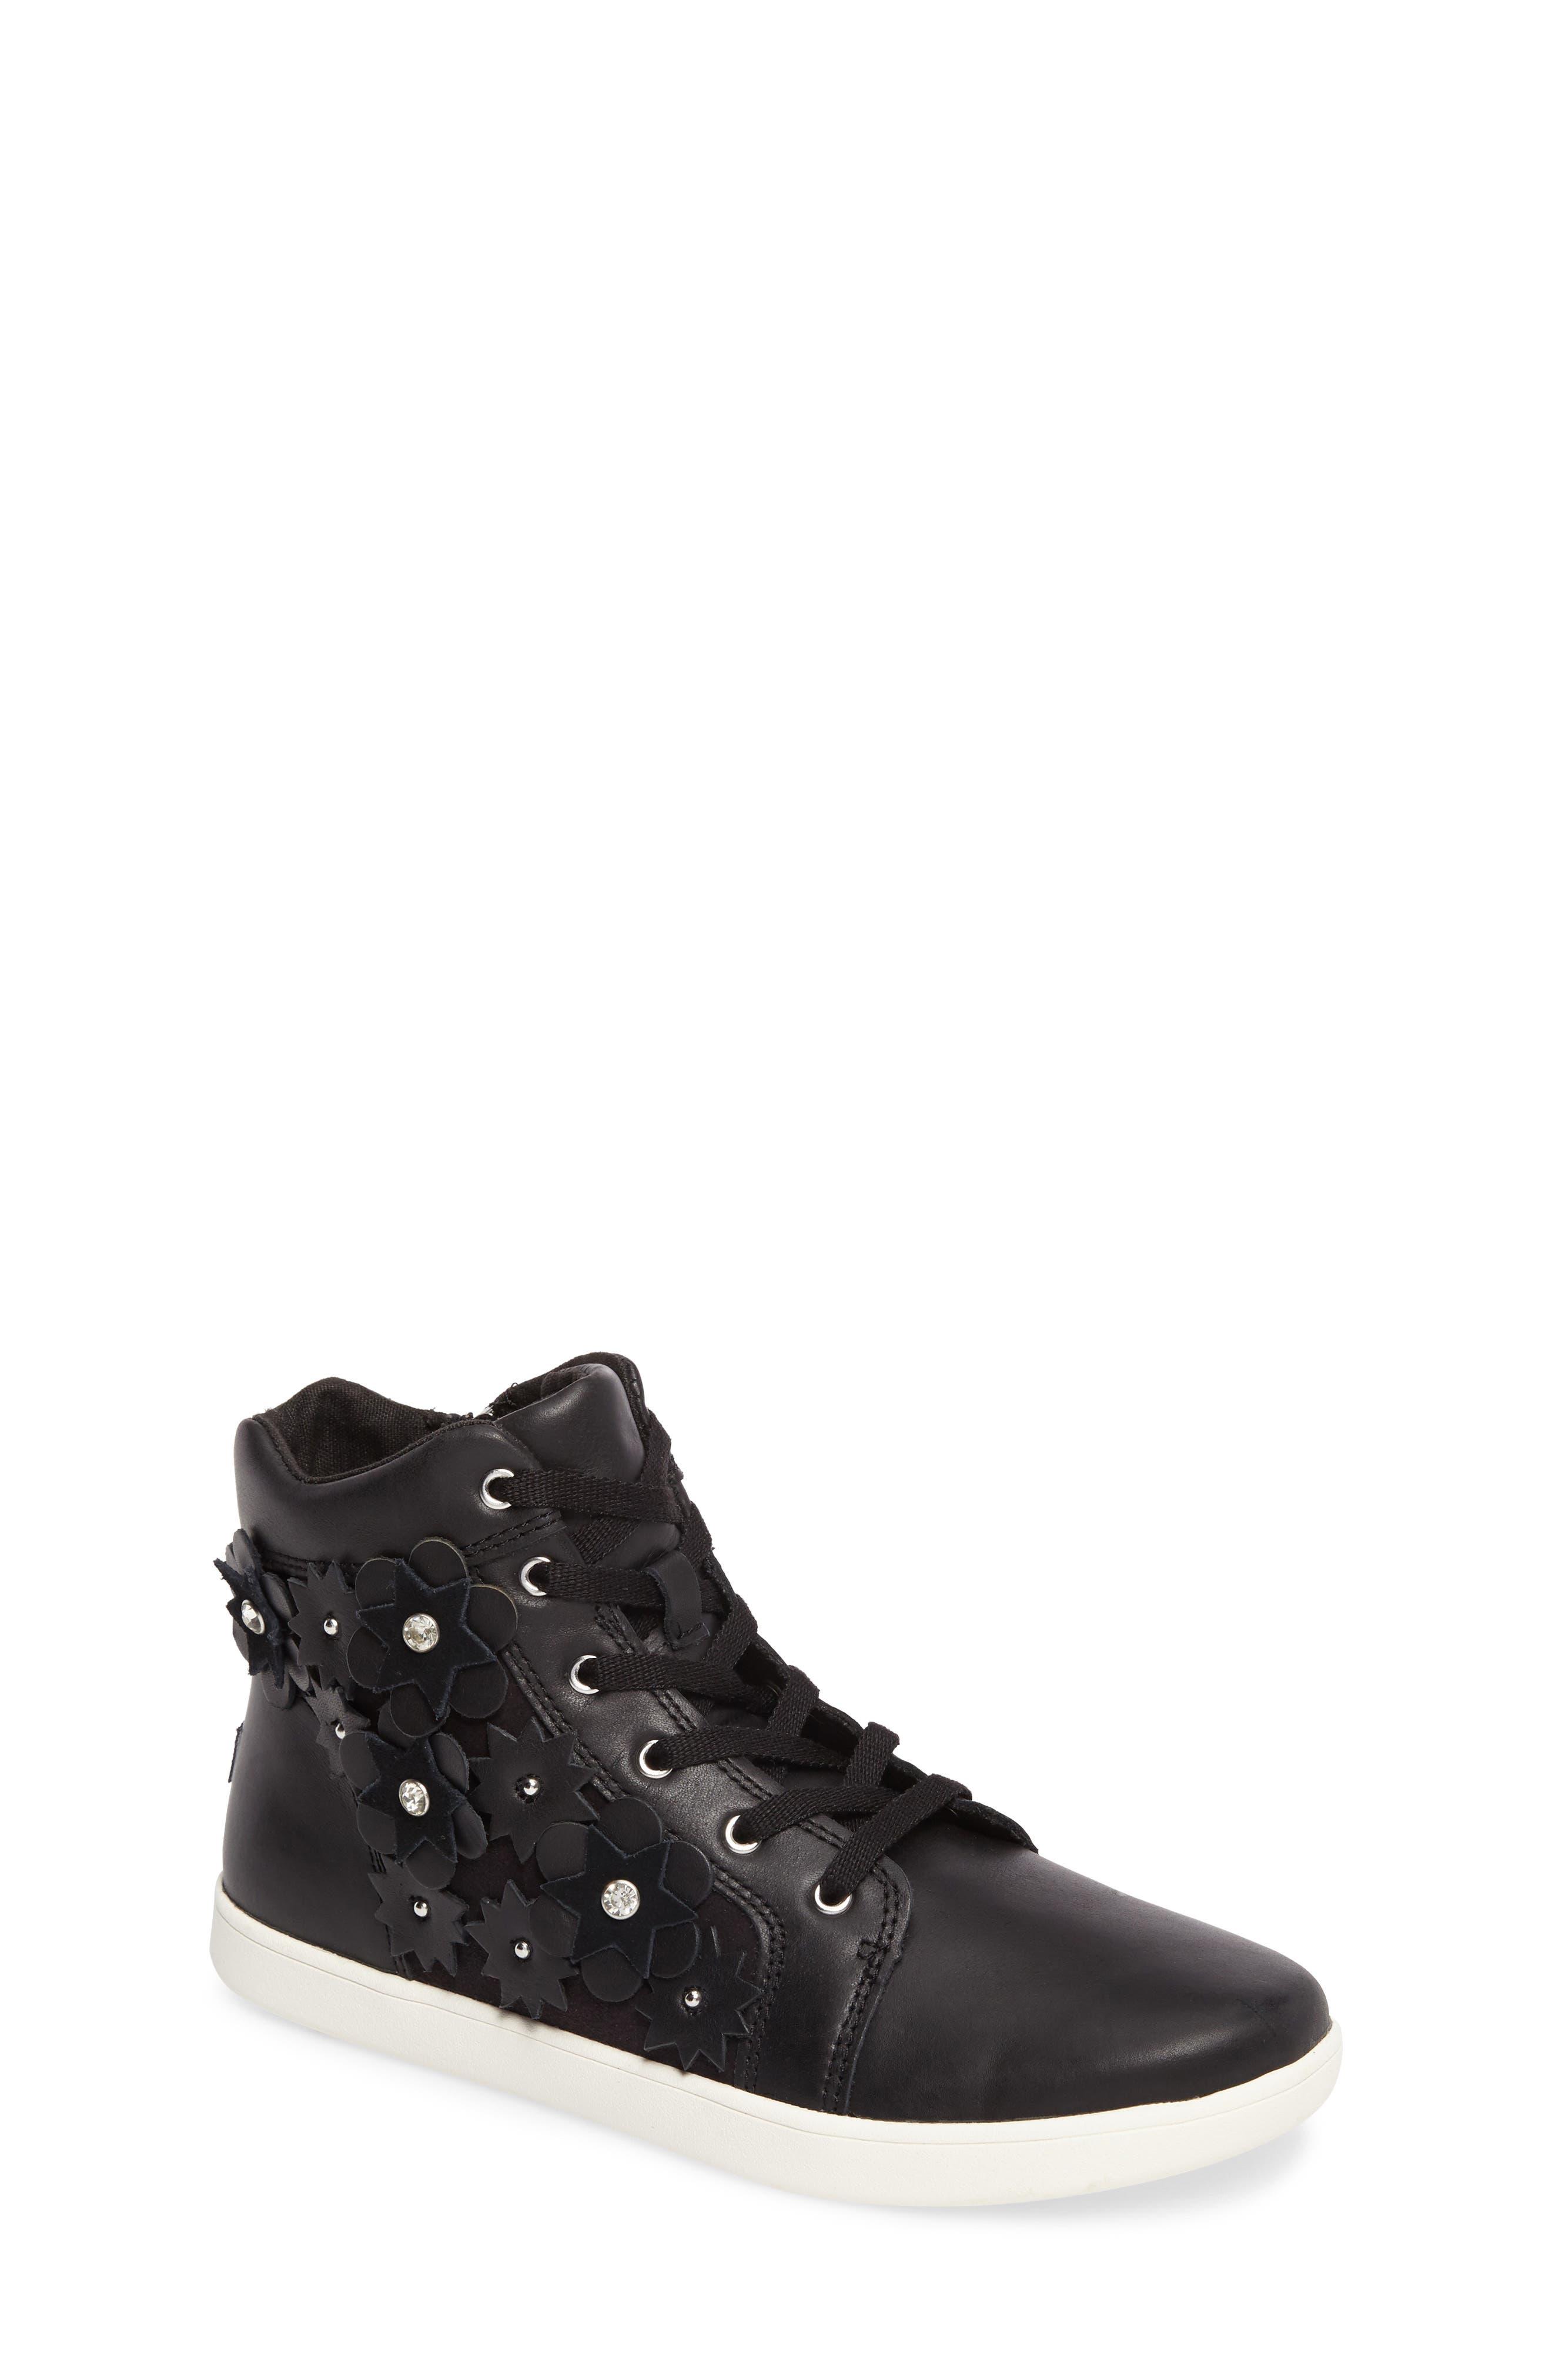 Schyler Petal Embellished High Top Sneaker,                         Main,                         color, 001